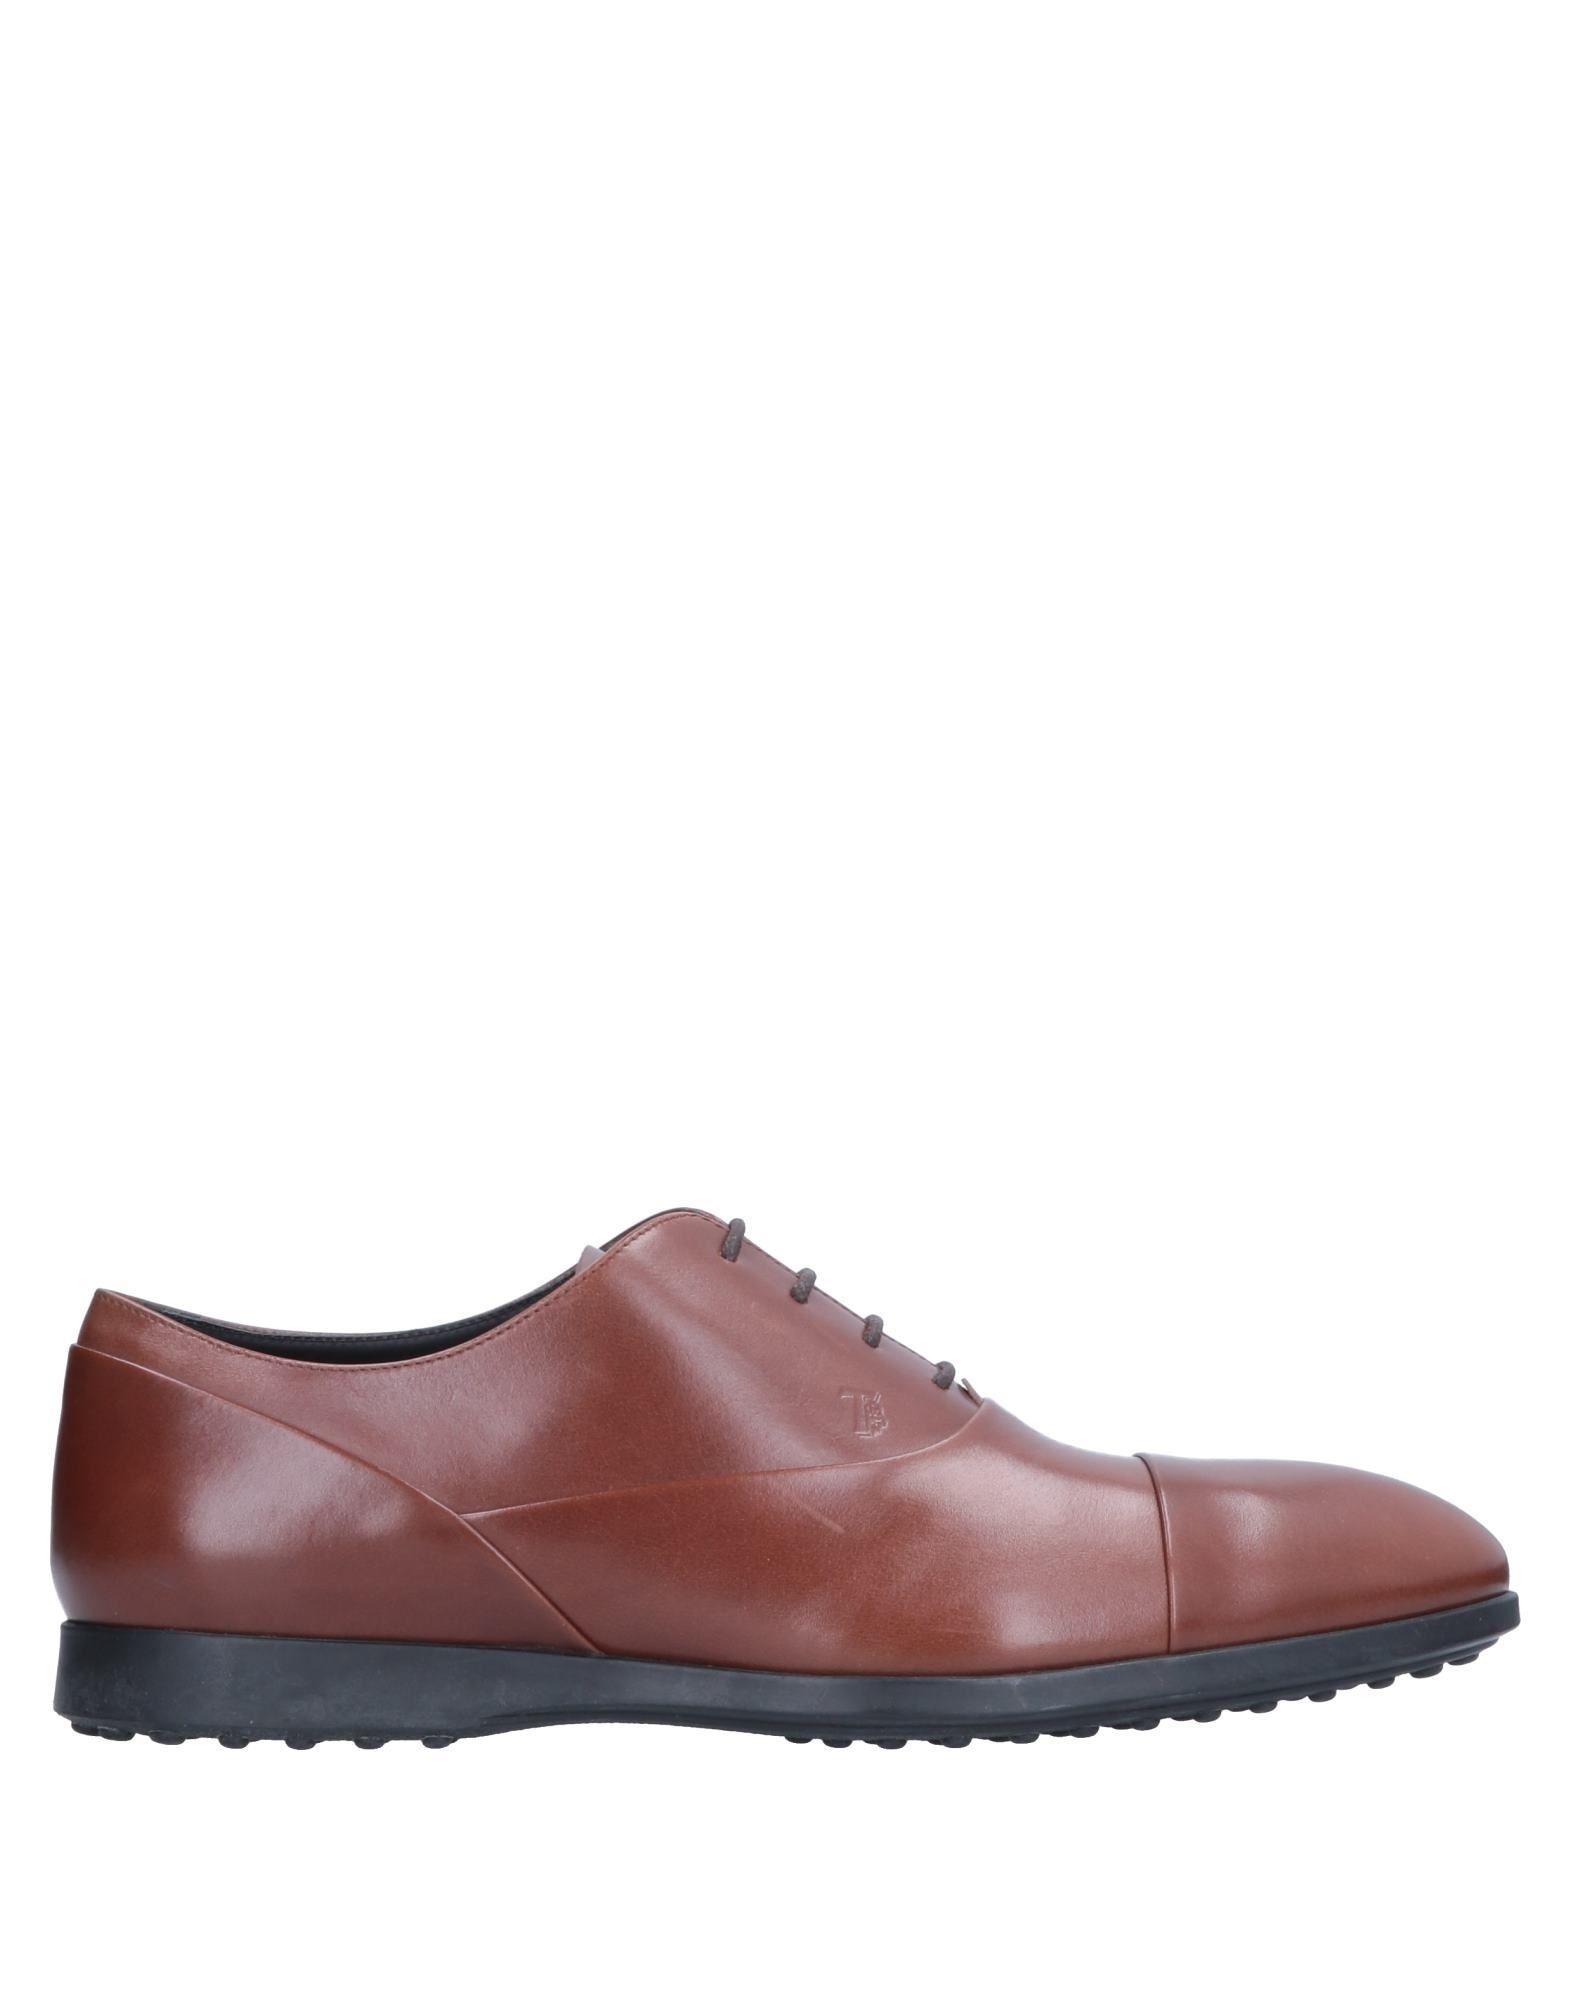 Cómodo y bien parecido  Zapato Zapato Zapato De Cordones Tod's Hombre - Zapatos De Cordones Tod's 2debc4